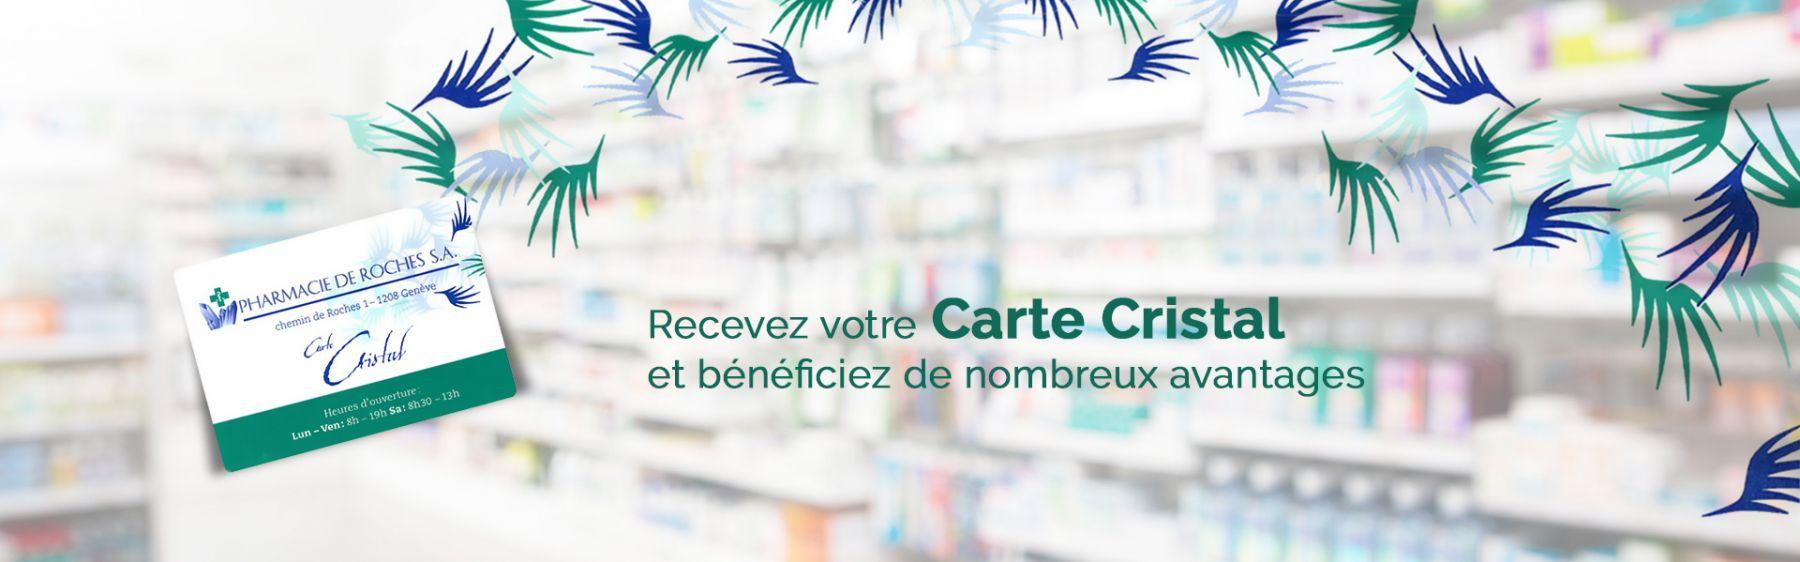 Pharmacie de Roches - Carte fidélité Cristal